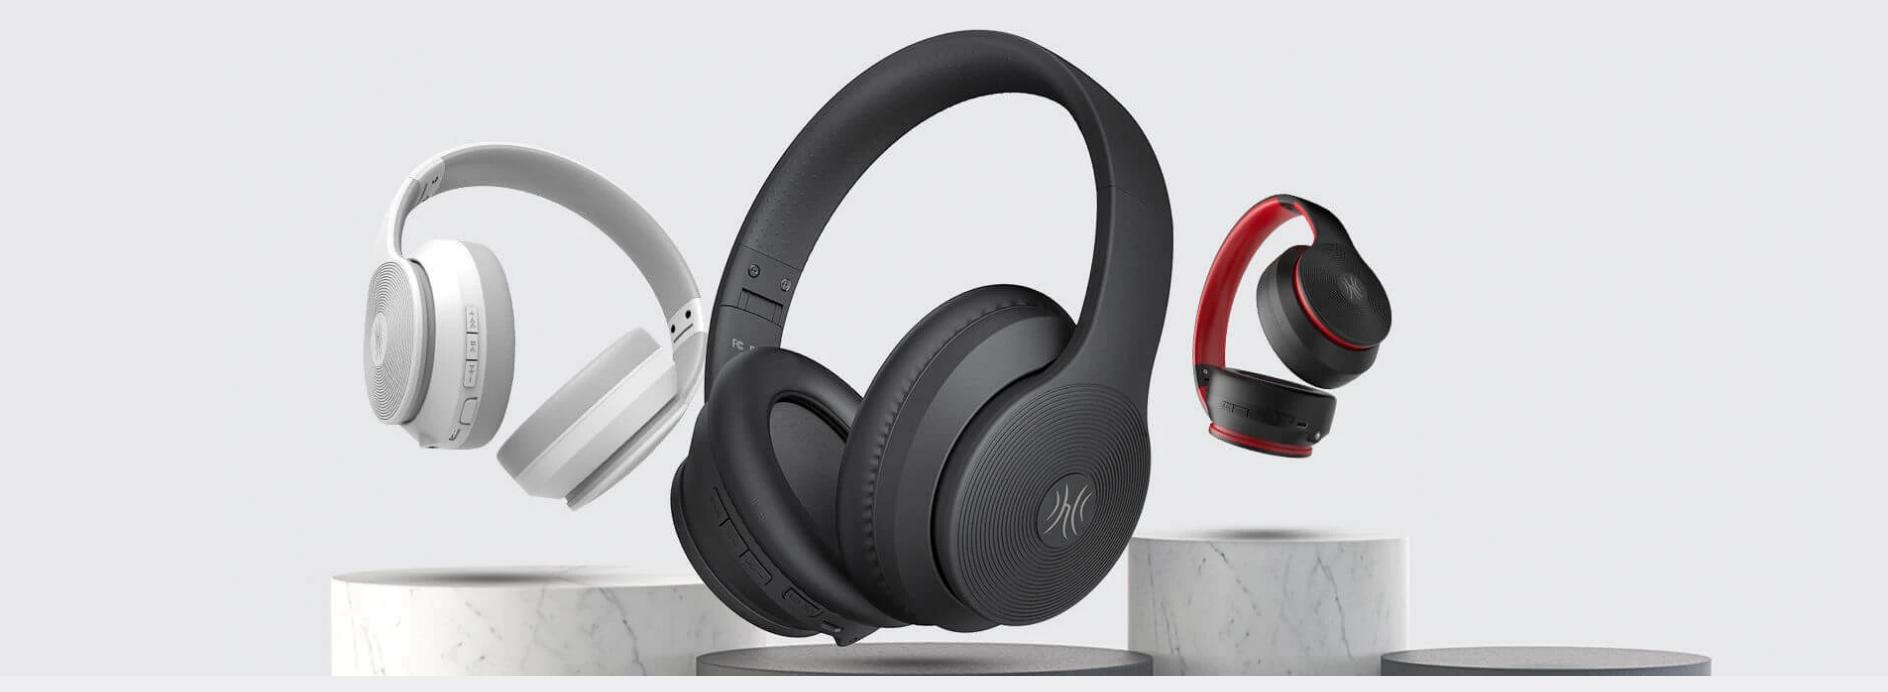 Oneodio A30 és A40 zajszűrős fejhallgatók tesztje 27